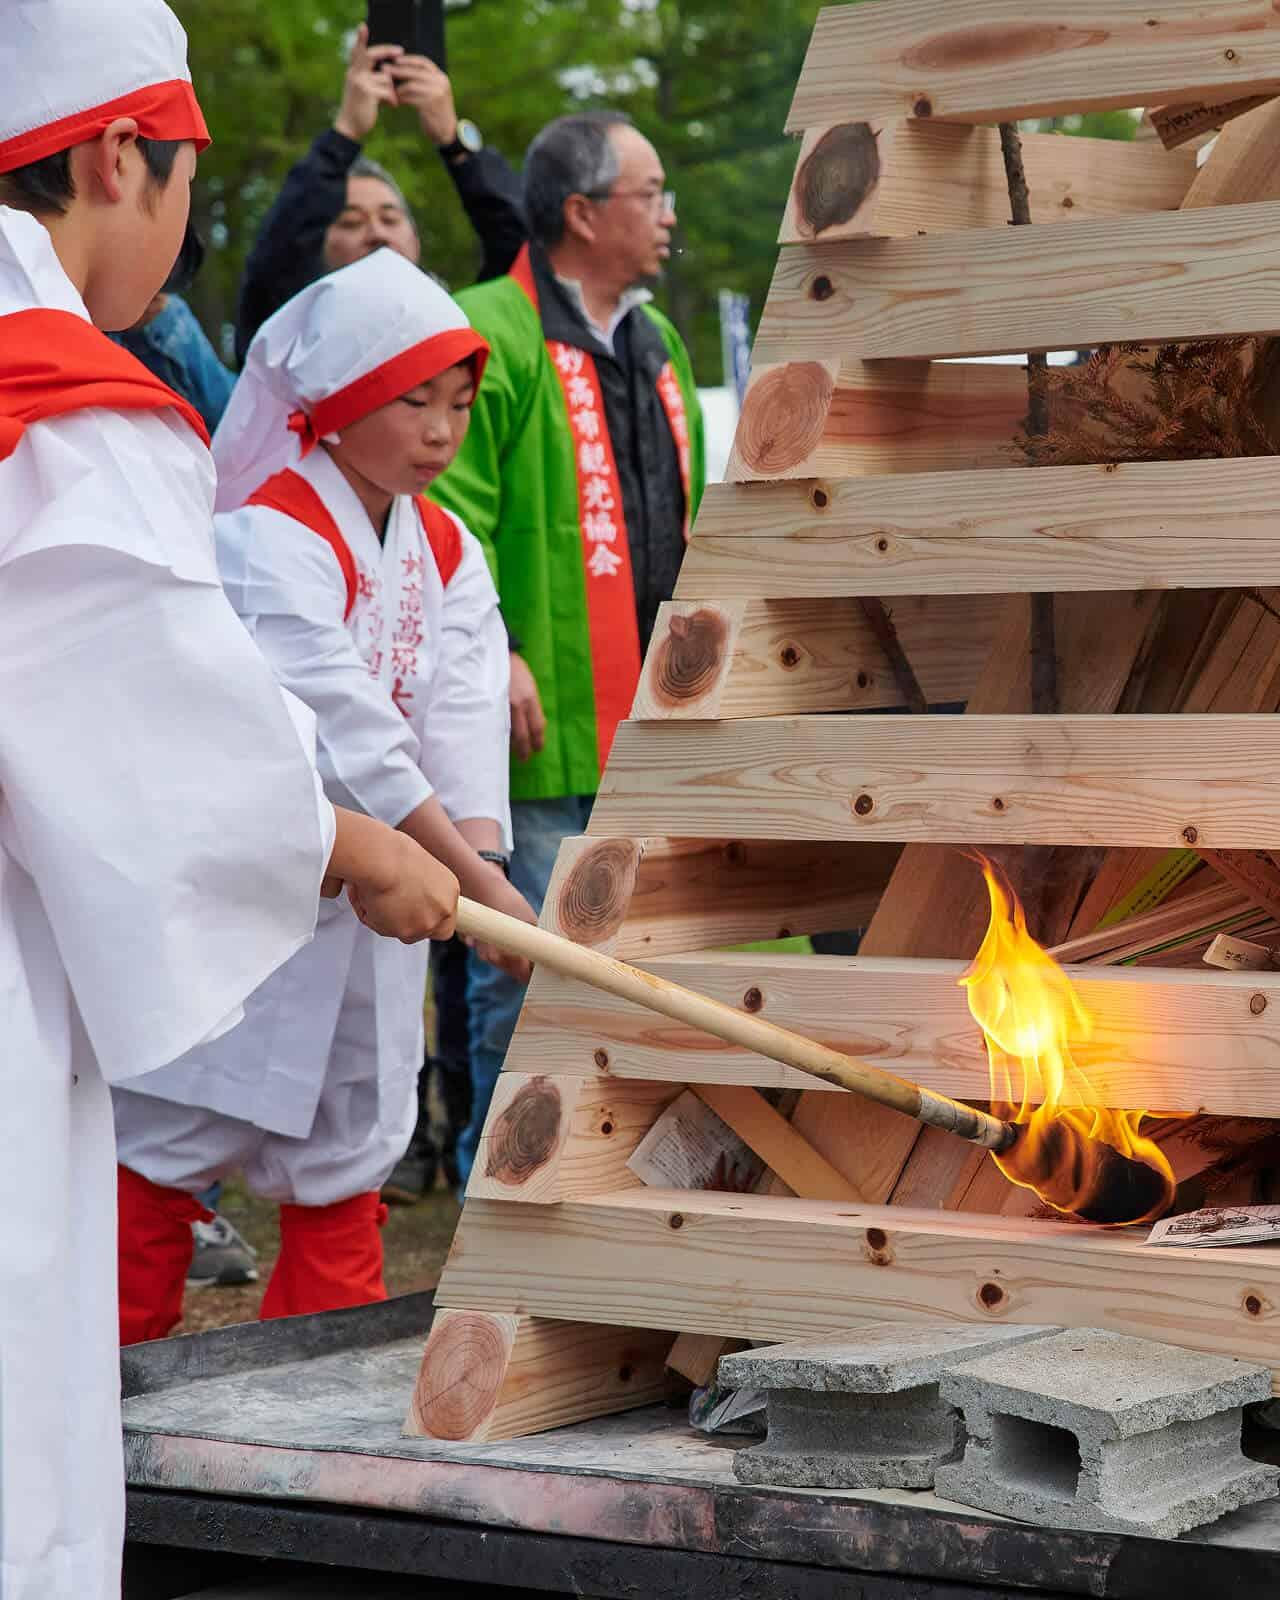 sougensai festival